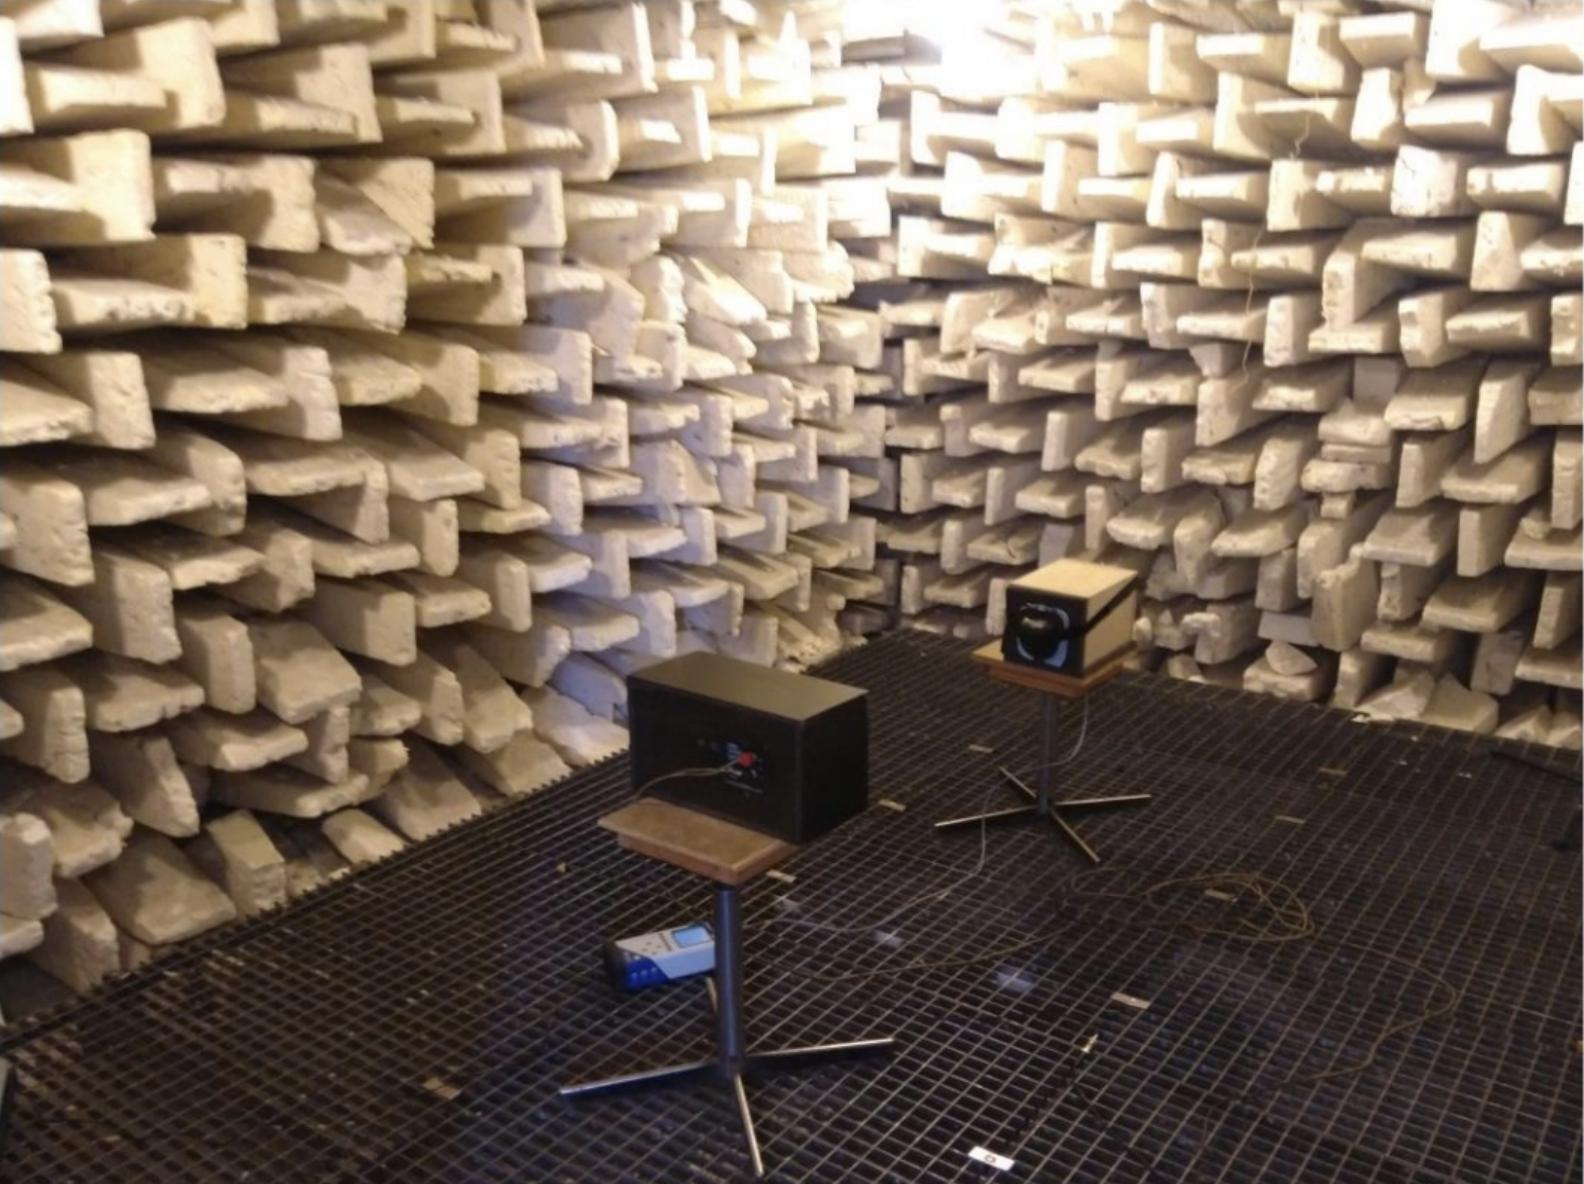 Badani dźwięku przeciwhałasowych nauszników dla psa